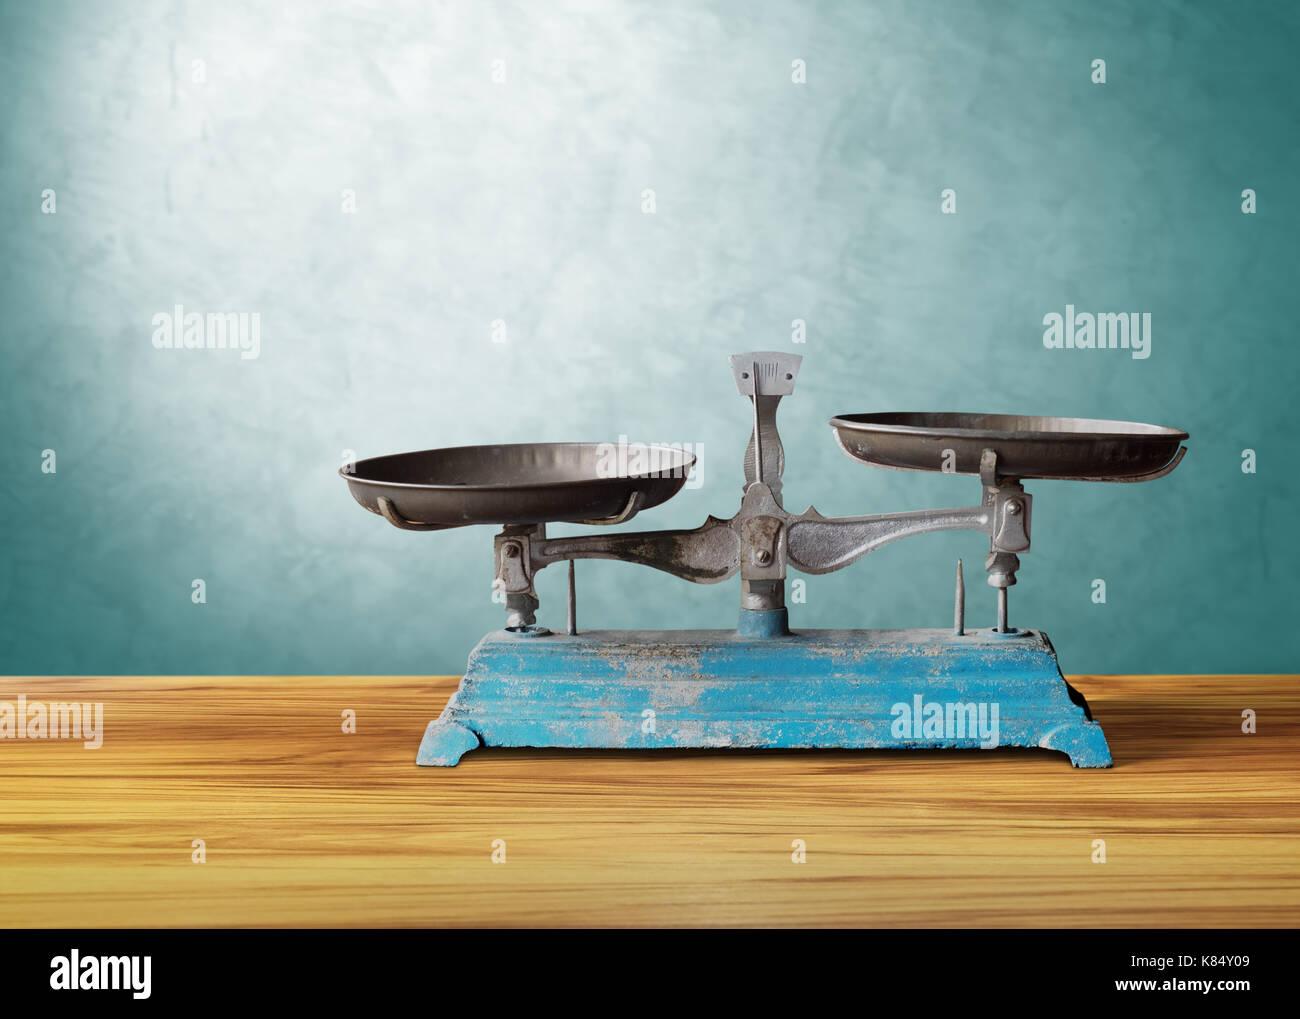 Classic Weighing Machine Stock Photos & Classic Weighing Machine ...